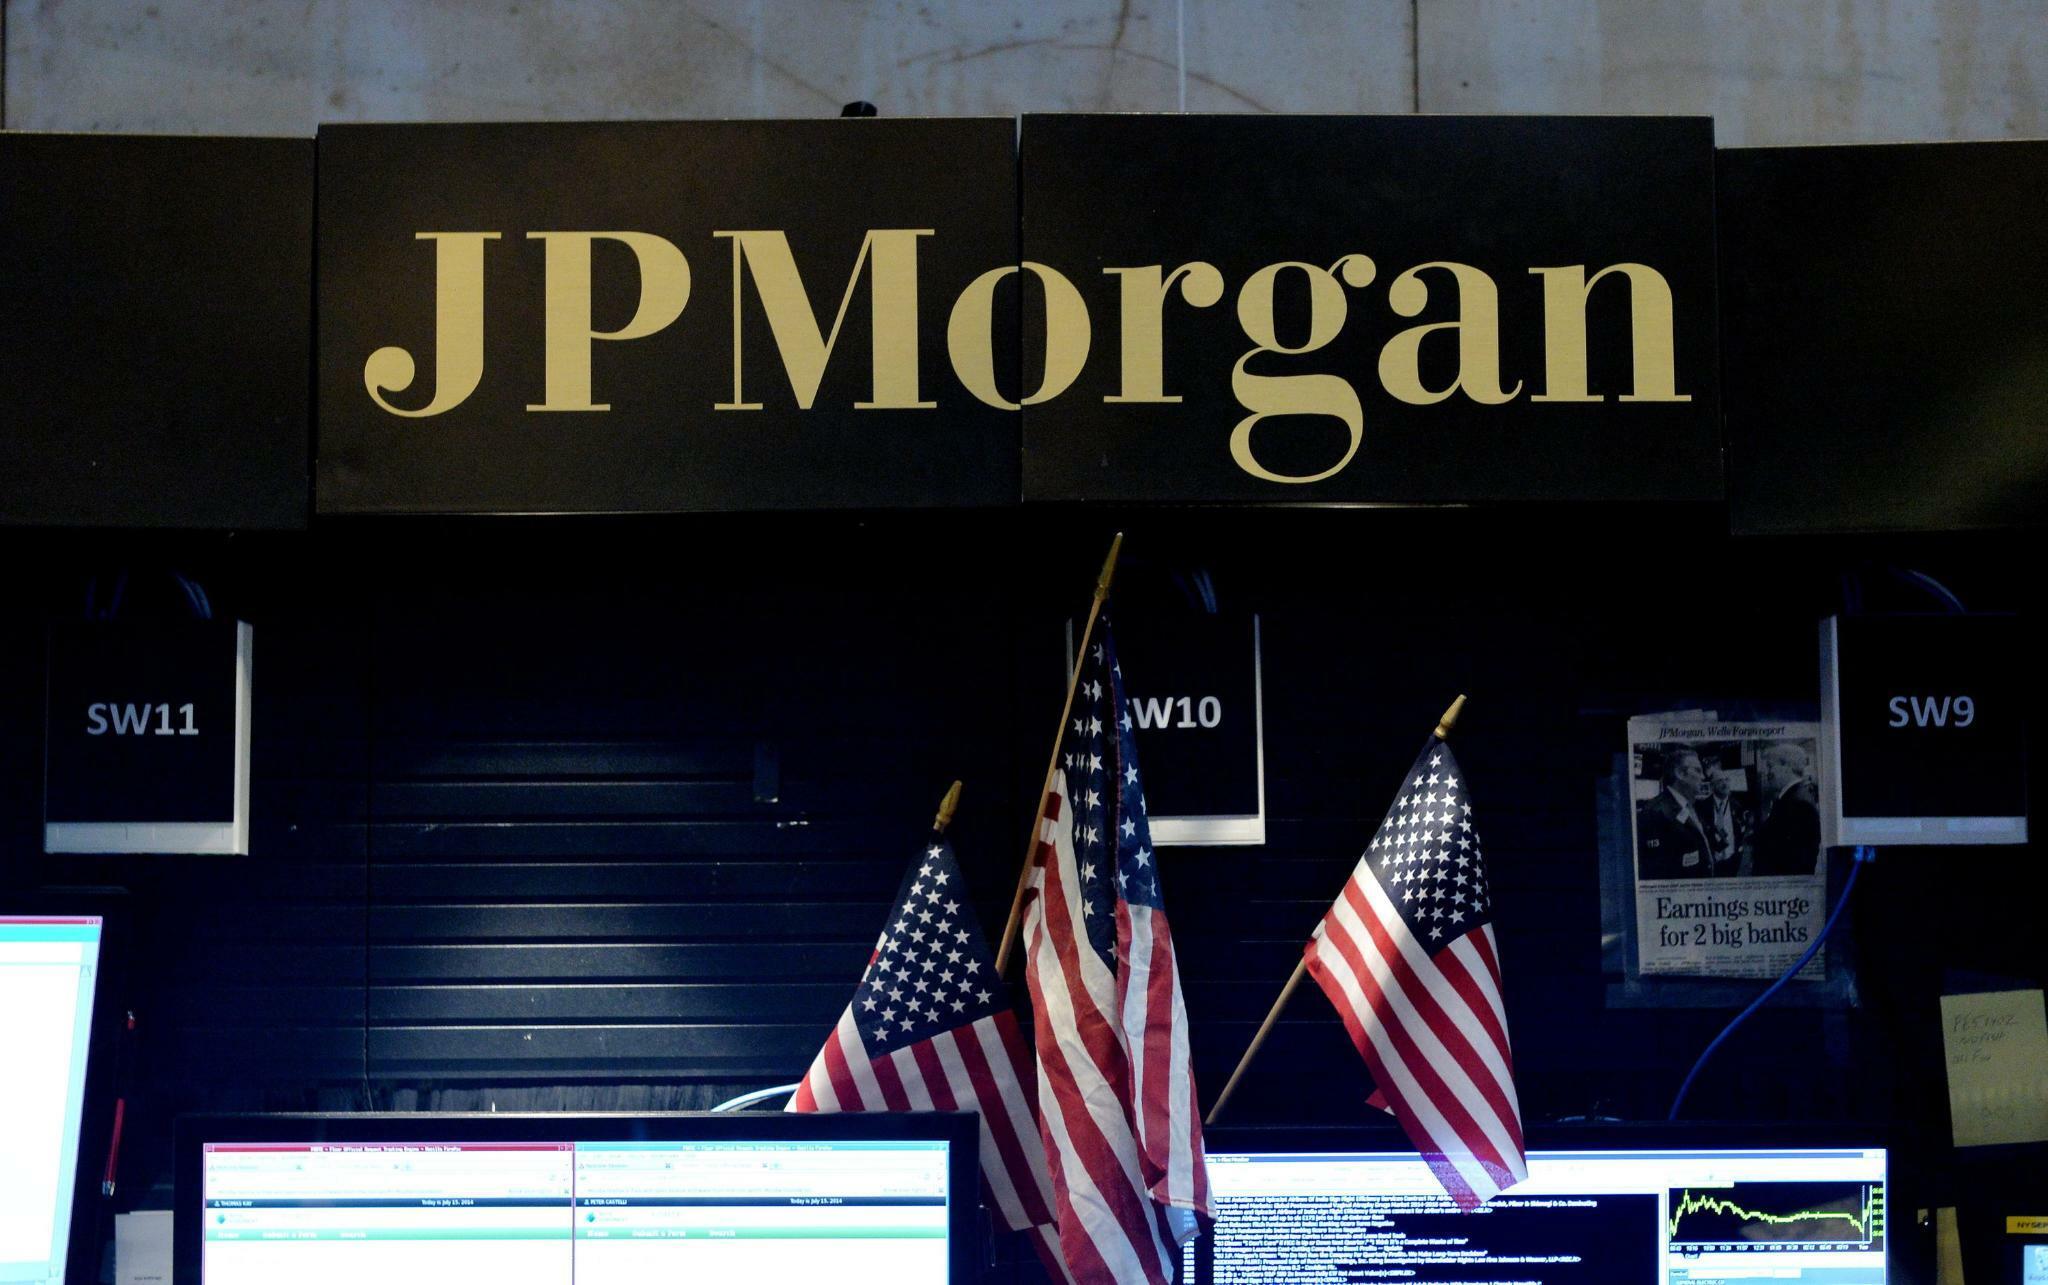 Nach Rassismus-Vorfällen: JP Morgan-Chef sendet Warnung an die Mitarbeiter